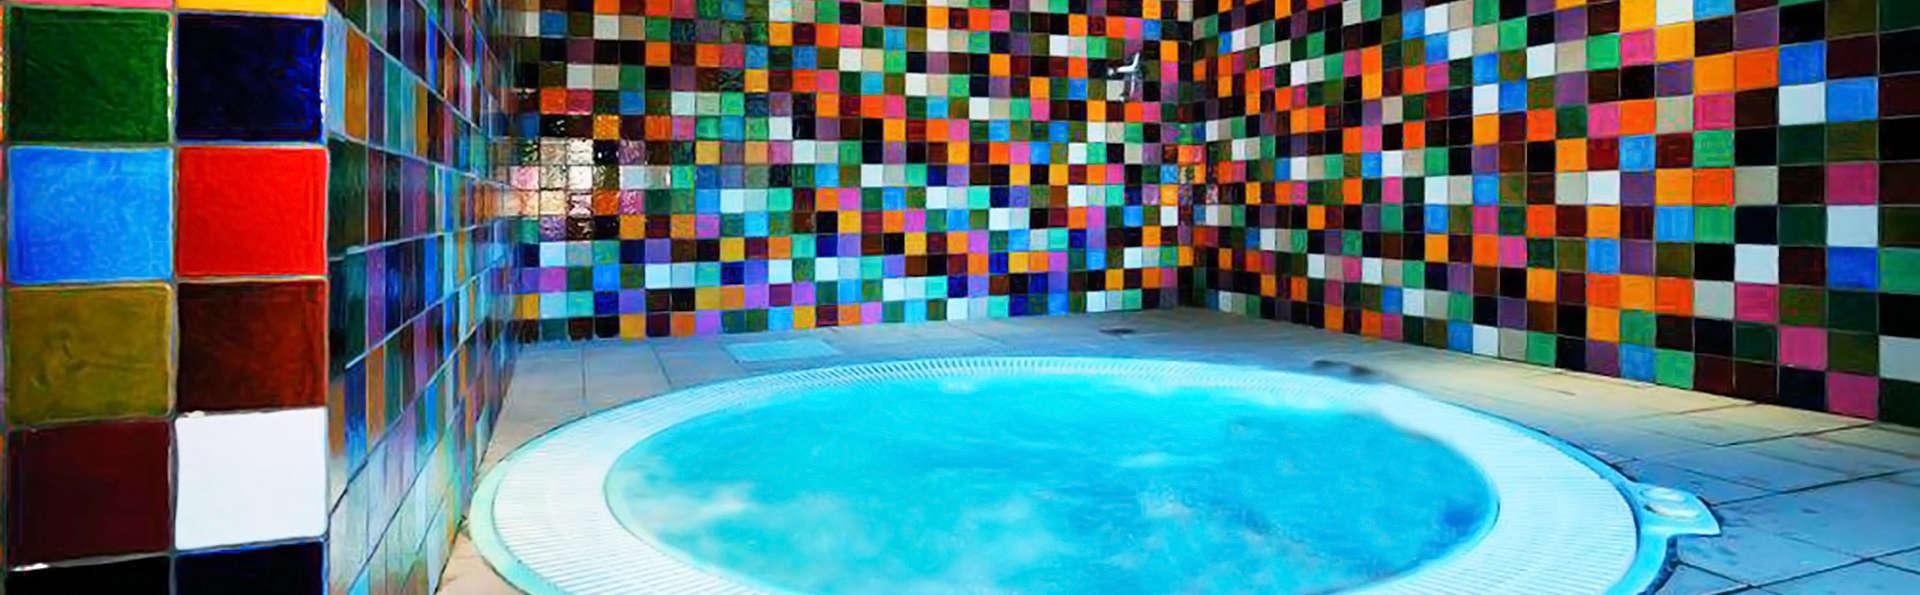 Week-end rafraîchissant avec accès à l'espace thermal dans un spa centenaire près de Saragosse